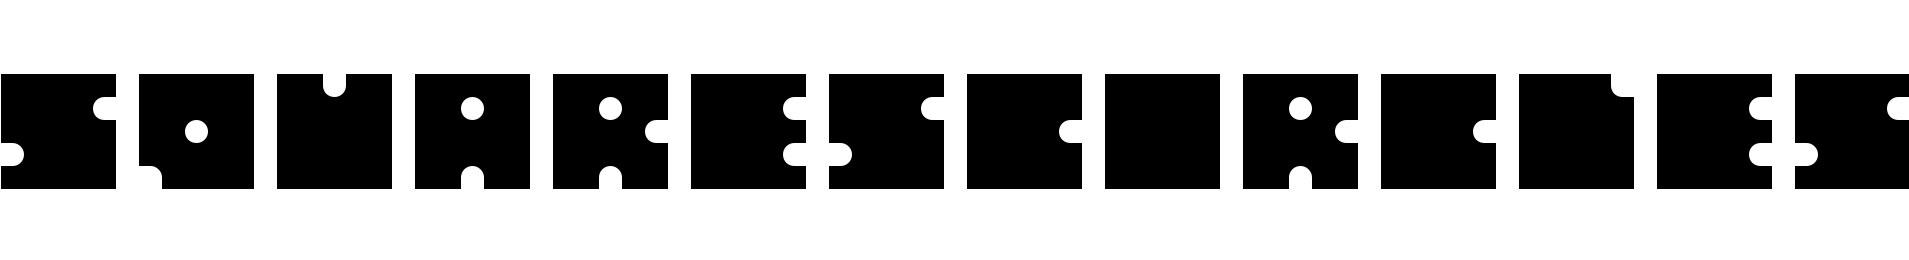 SquaresCircles